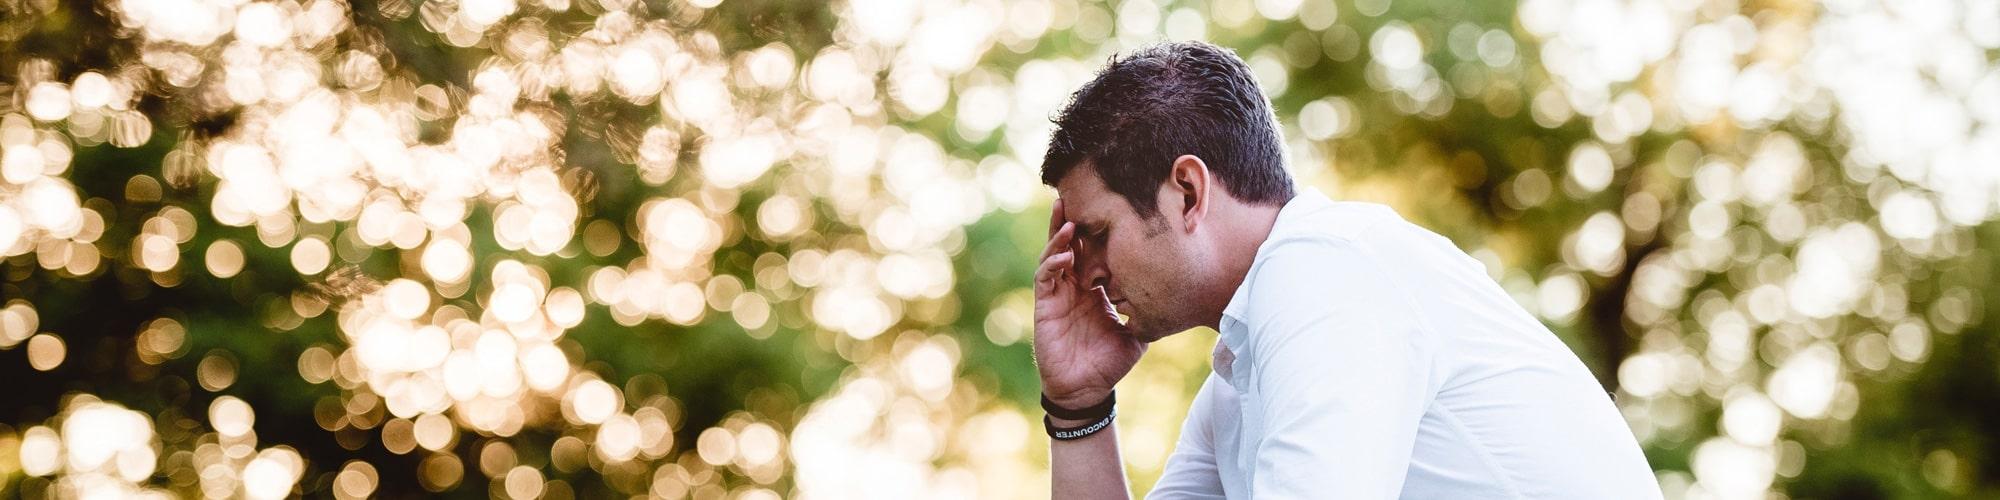 socail-angst-ensomhedsamtaleterapi-online-aarhus-psykoterapi